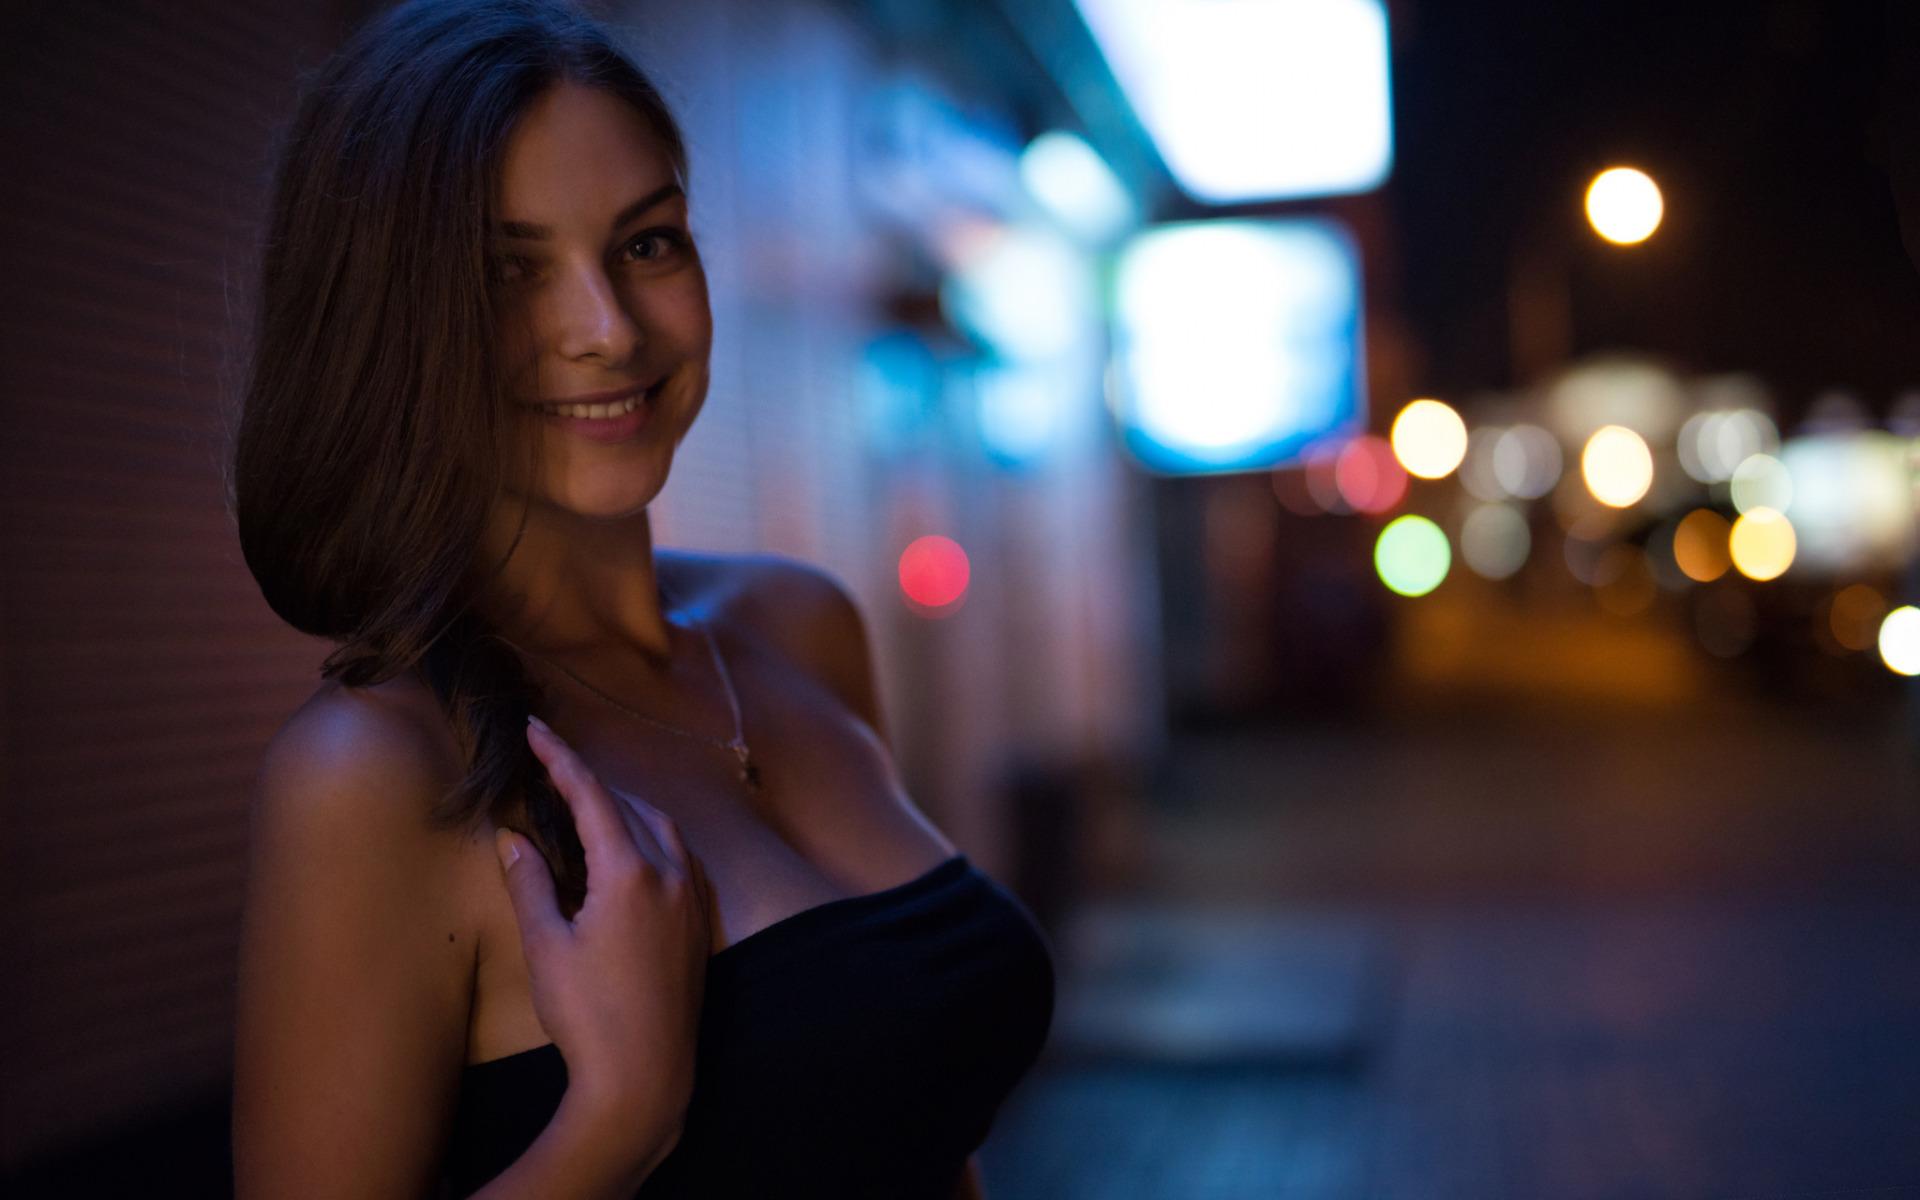 Лилипутами девушка вечером в одной красивой кофточке выделение сока